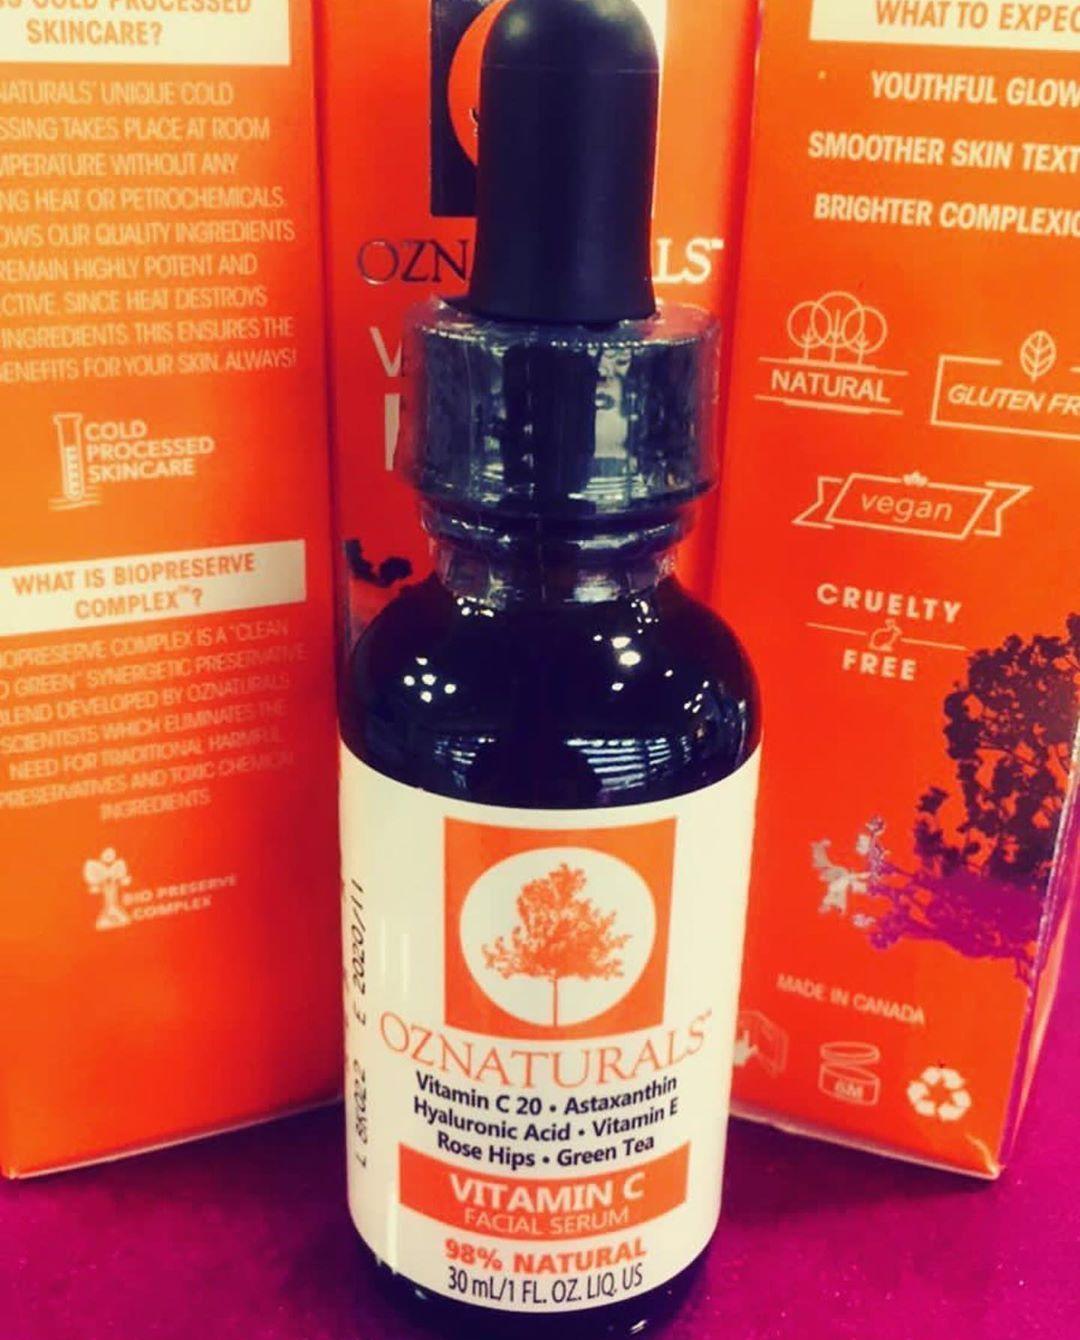 ورجعنالكم من جديد سيروم فايتمن C الاصلي من Oz Naturals السعر 25 دينار الافضل مبيعا عالميا ي Skin Care Makeup Ingredients